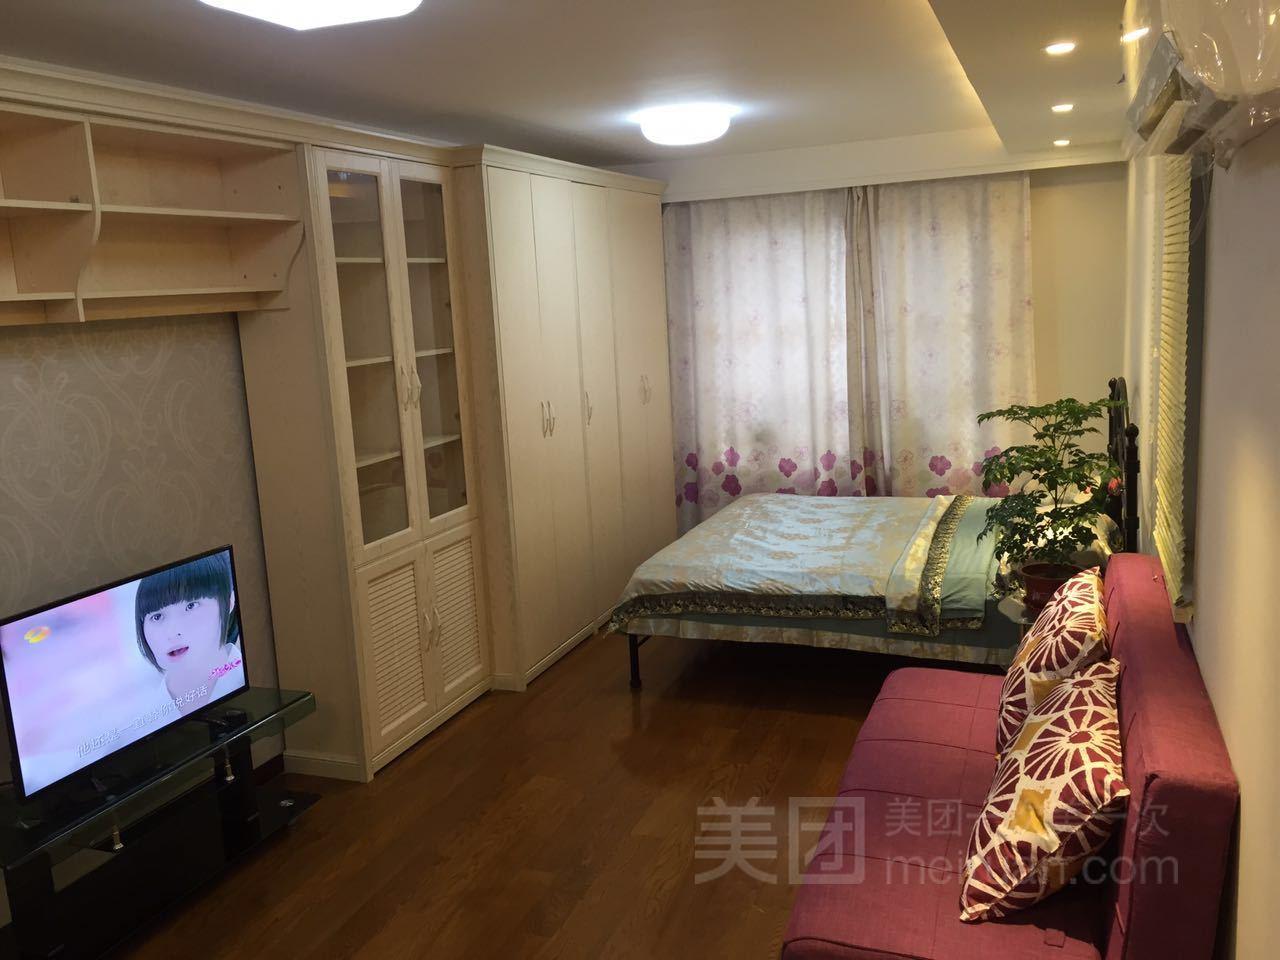 偶寓-青年良品公寓(万达广场店)预订/团购